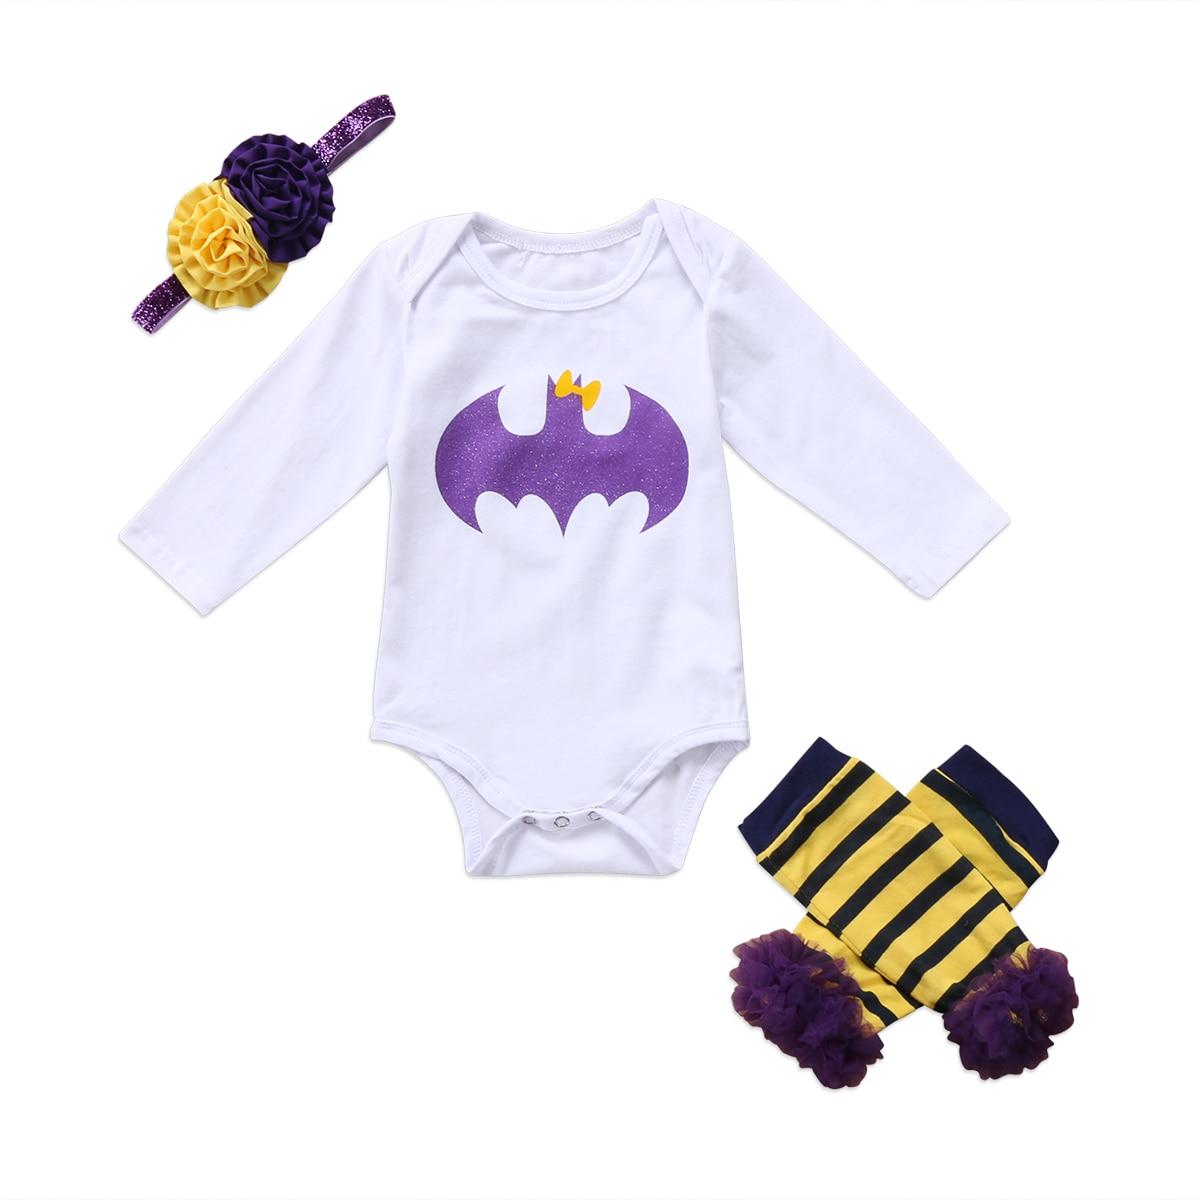 Emmababy Fashion Leuke 3 Pcs Pasgeboren Baby Meisje Kleding Cartoon Bodysuit Been Warmer Hoofdband Batman Outfit Elegante Vorm